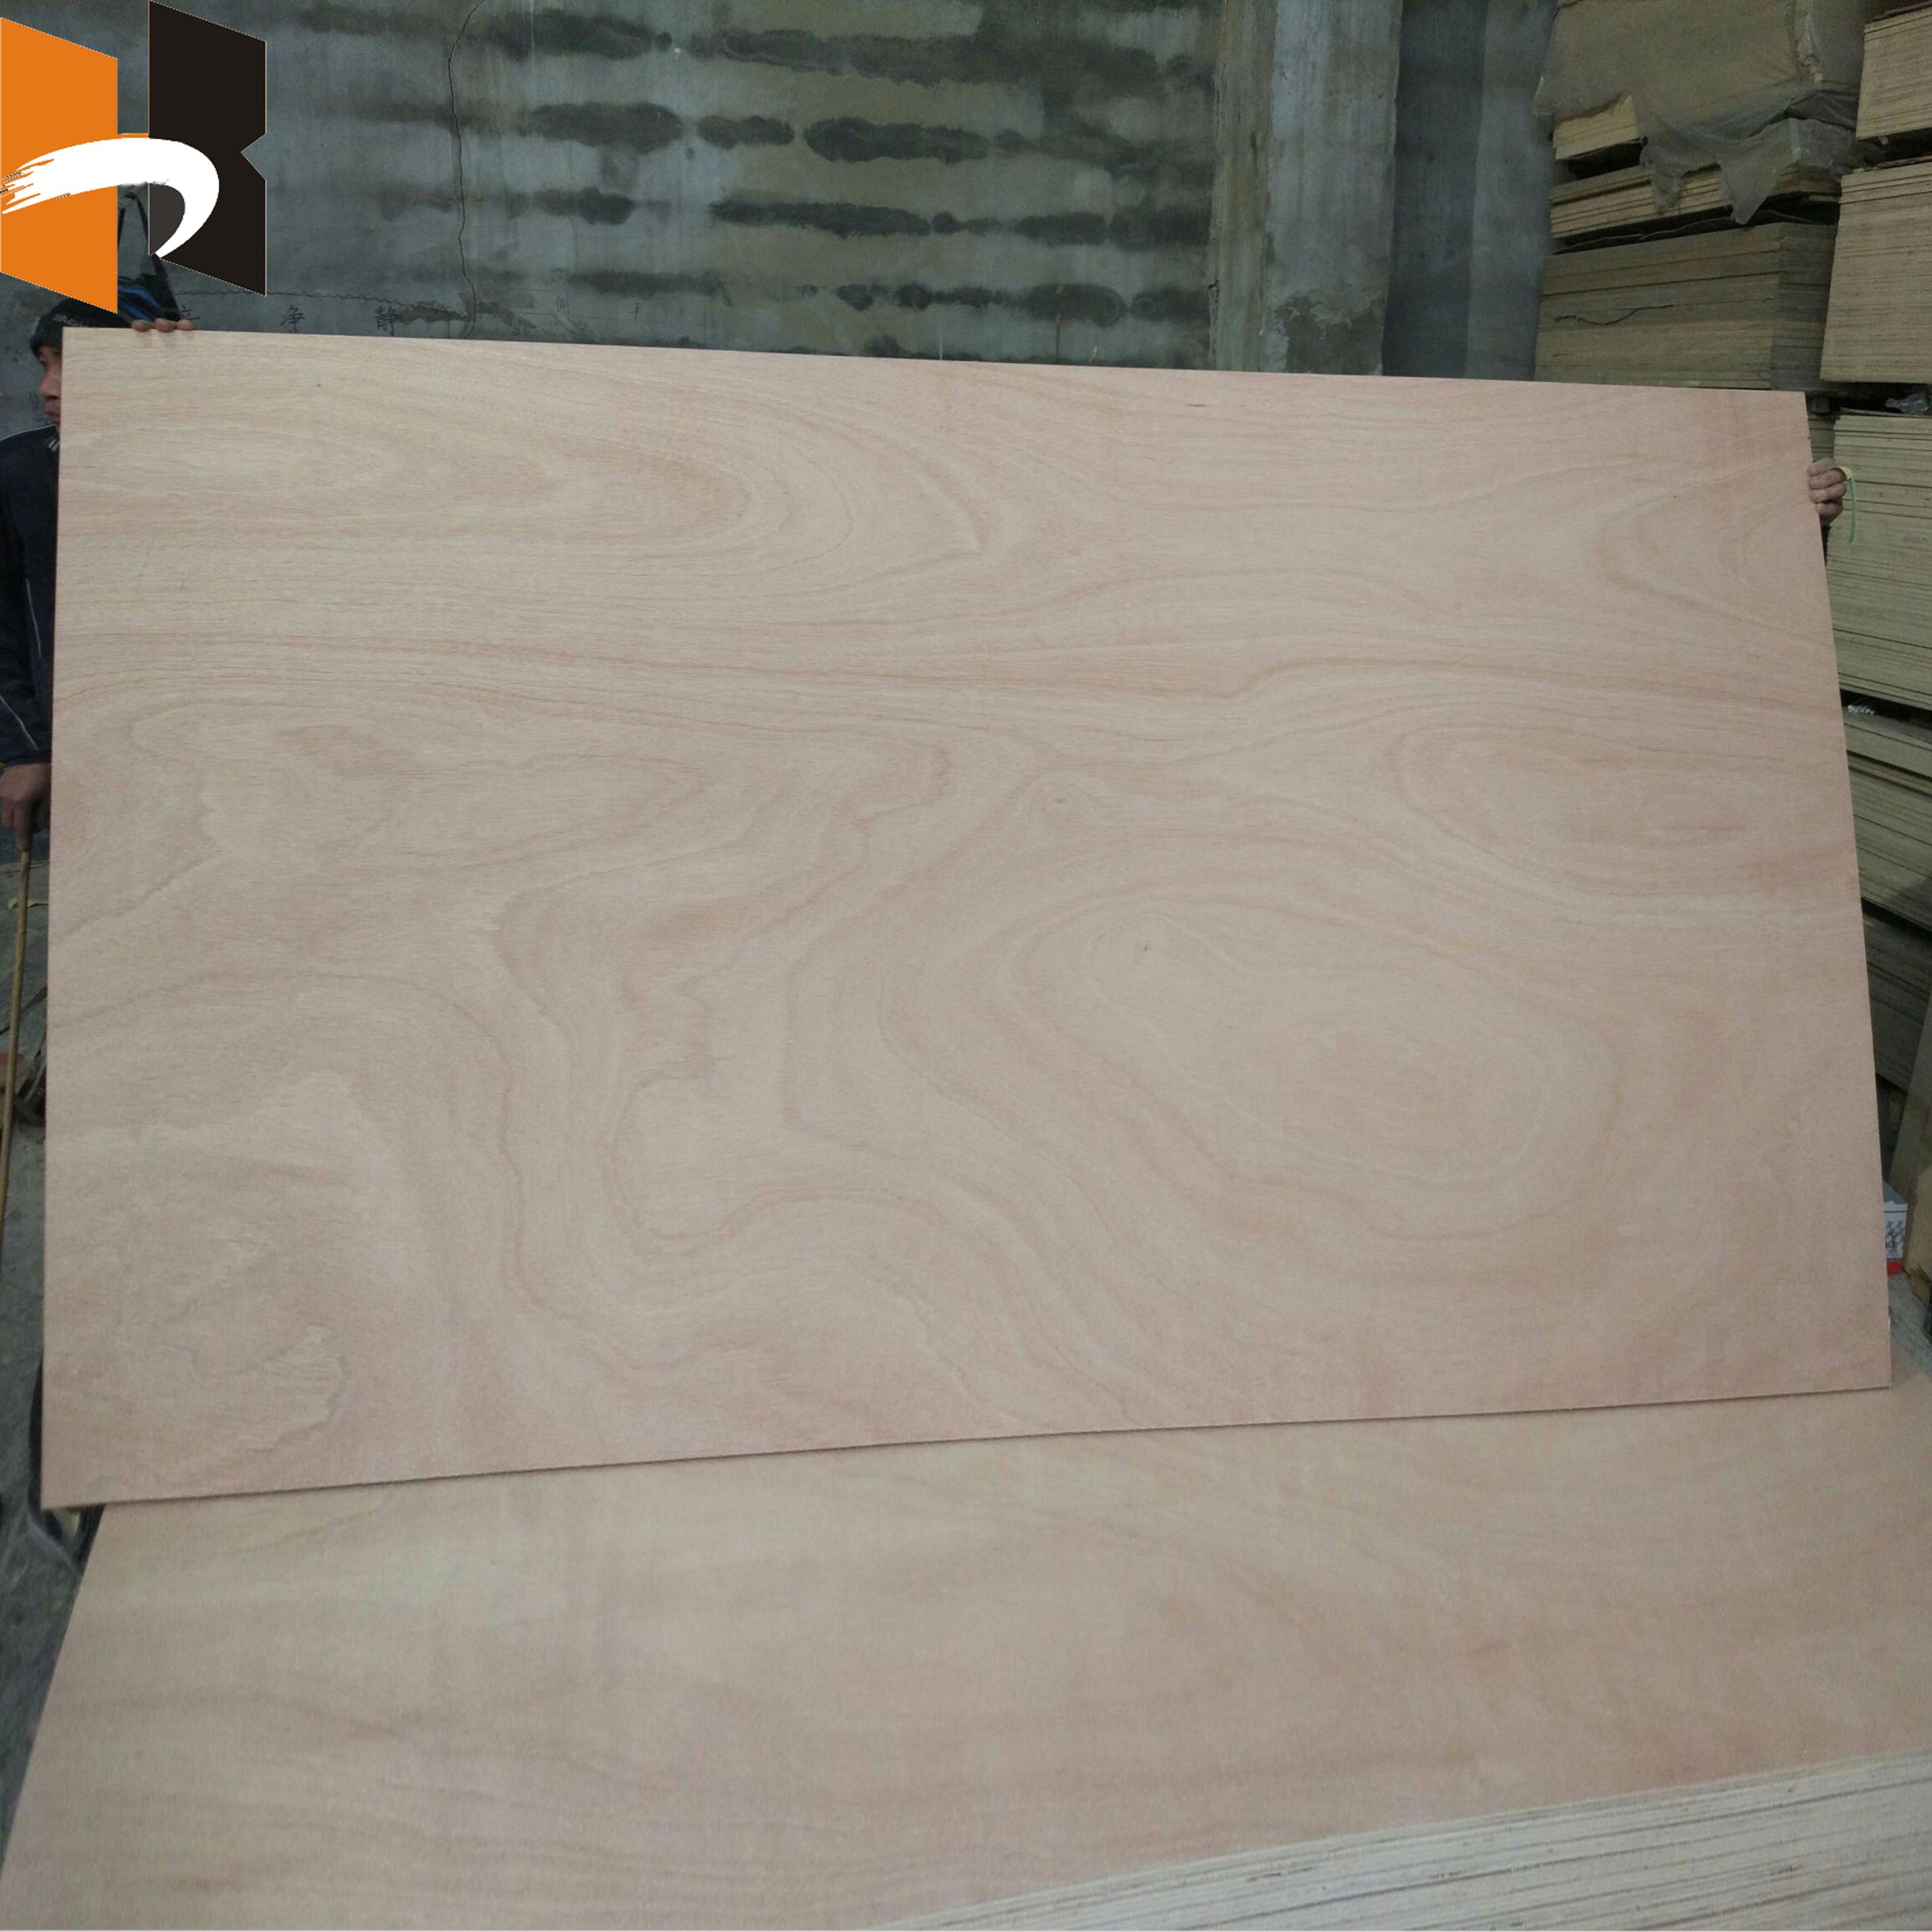 One Time Finished Hardwood Core Red Okume Veneer Film Face Plywood Buy Okume Plywood Okume Veneer Plywood Hardwood Core Plywood Product On